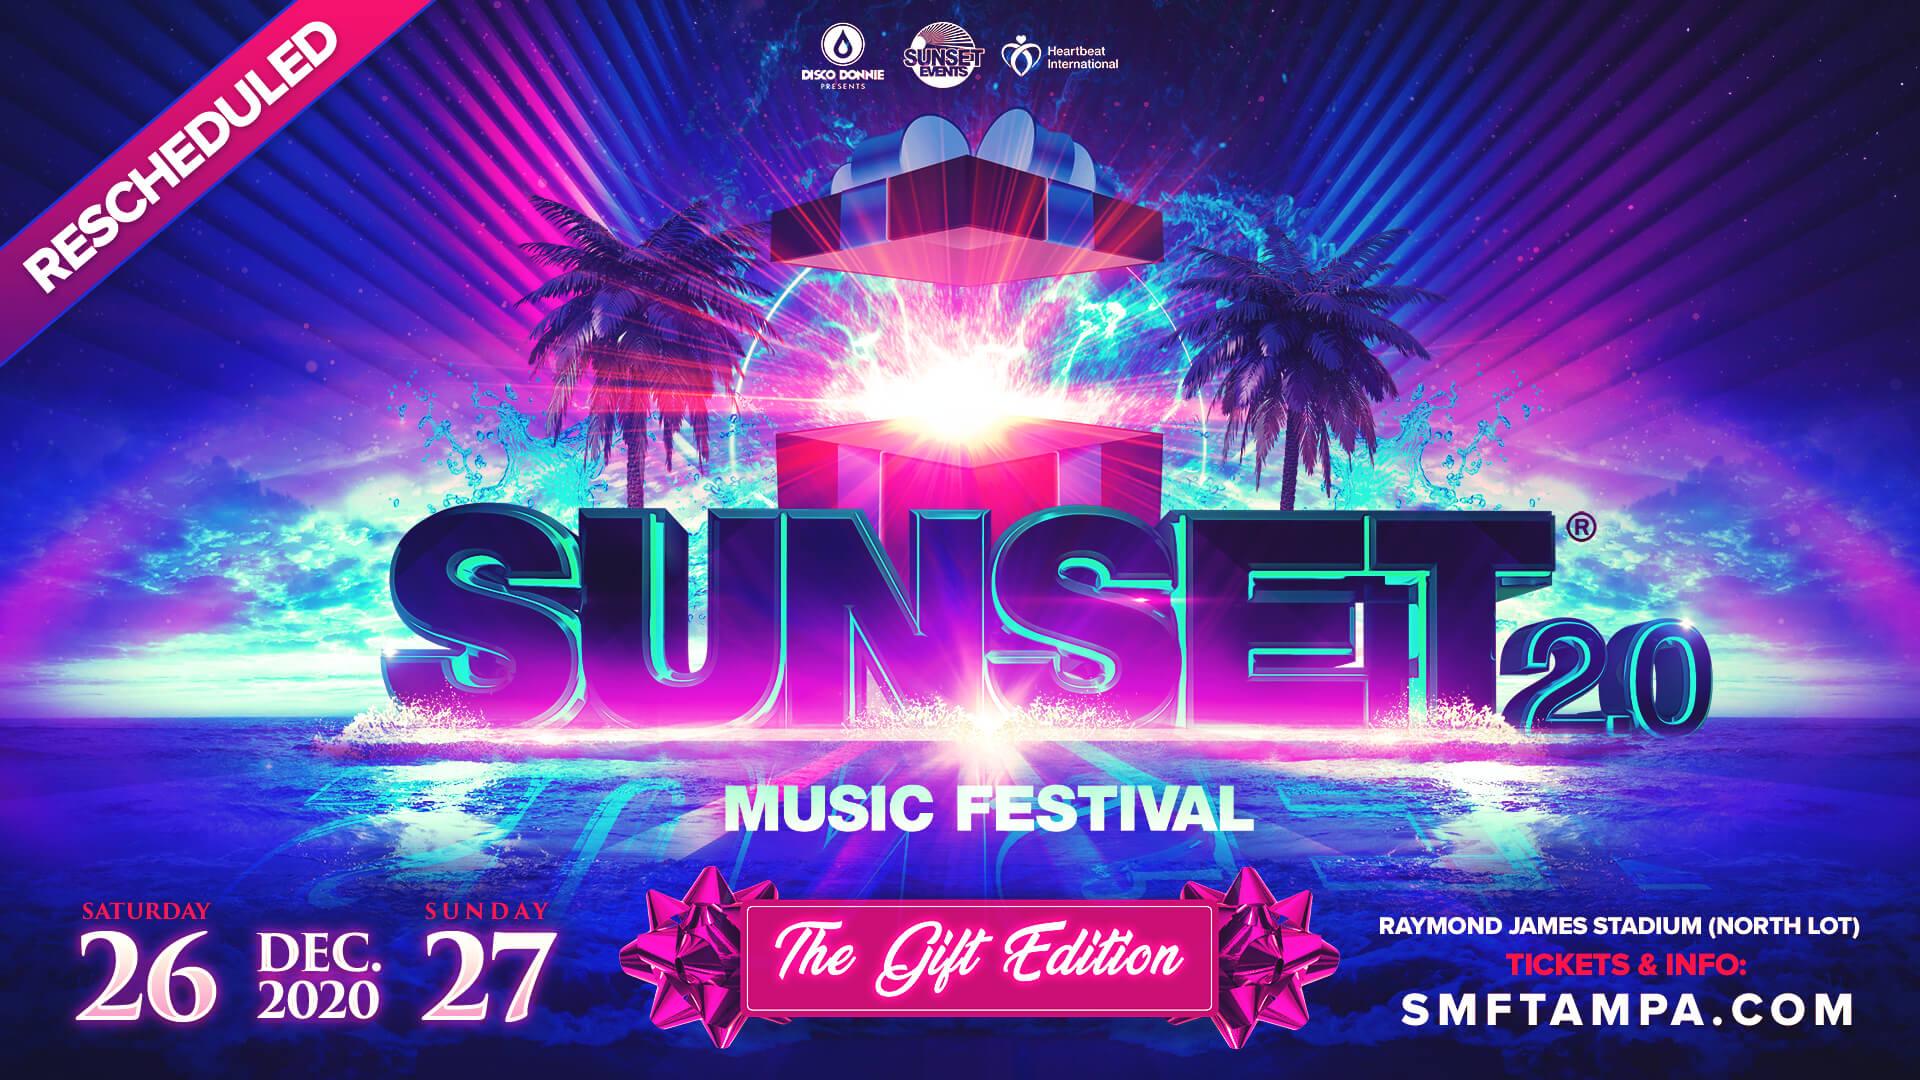 sunset music festival 2020 the gift